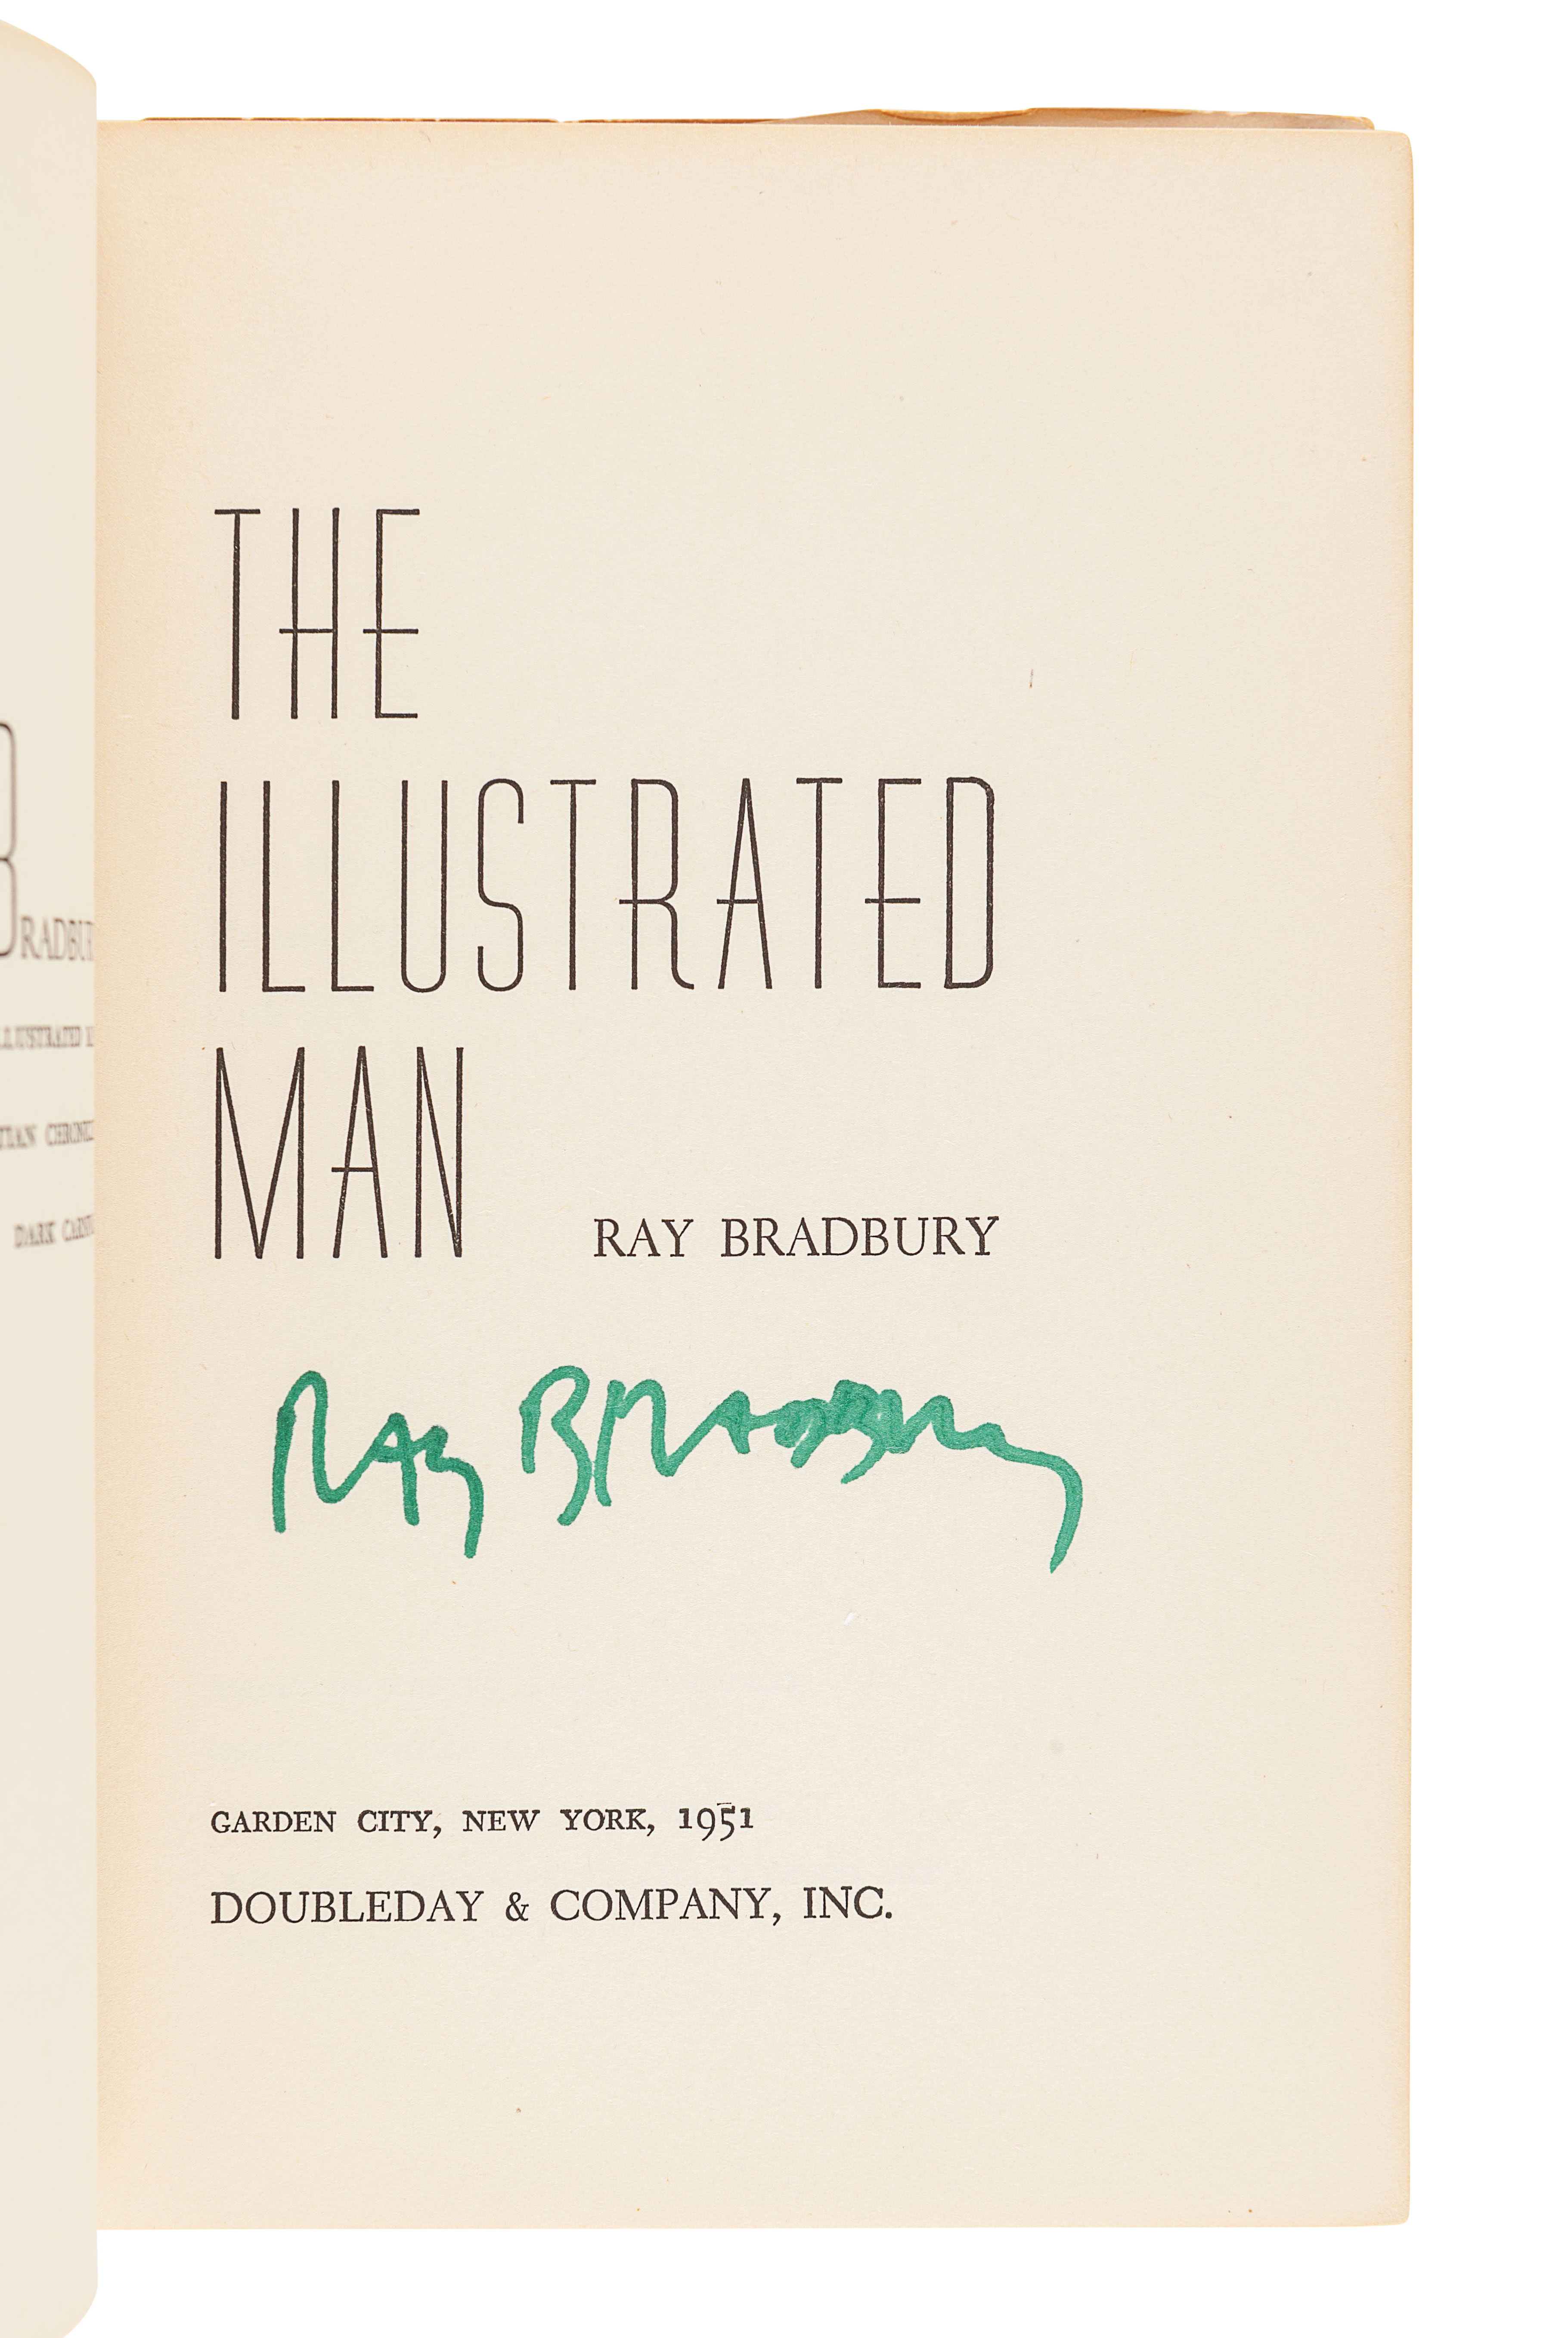 BRADBURY, Ray (1920-2012). The Illustrated Man. Garden City: Doubleday & Company, Inc., 1951.